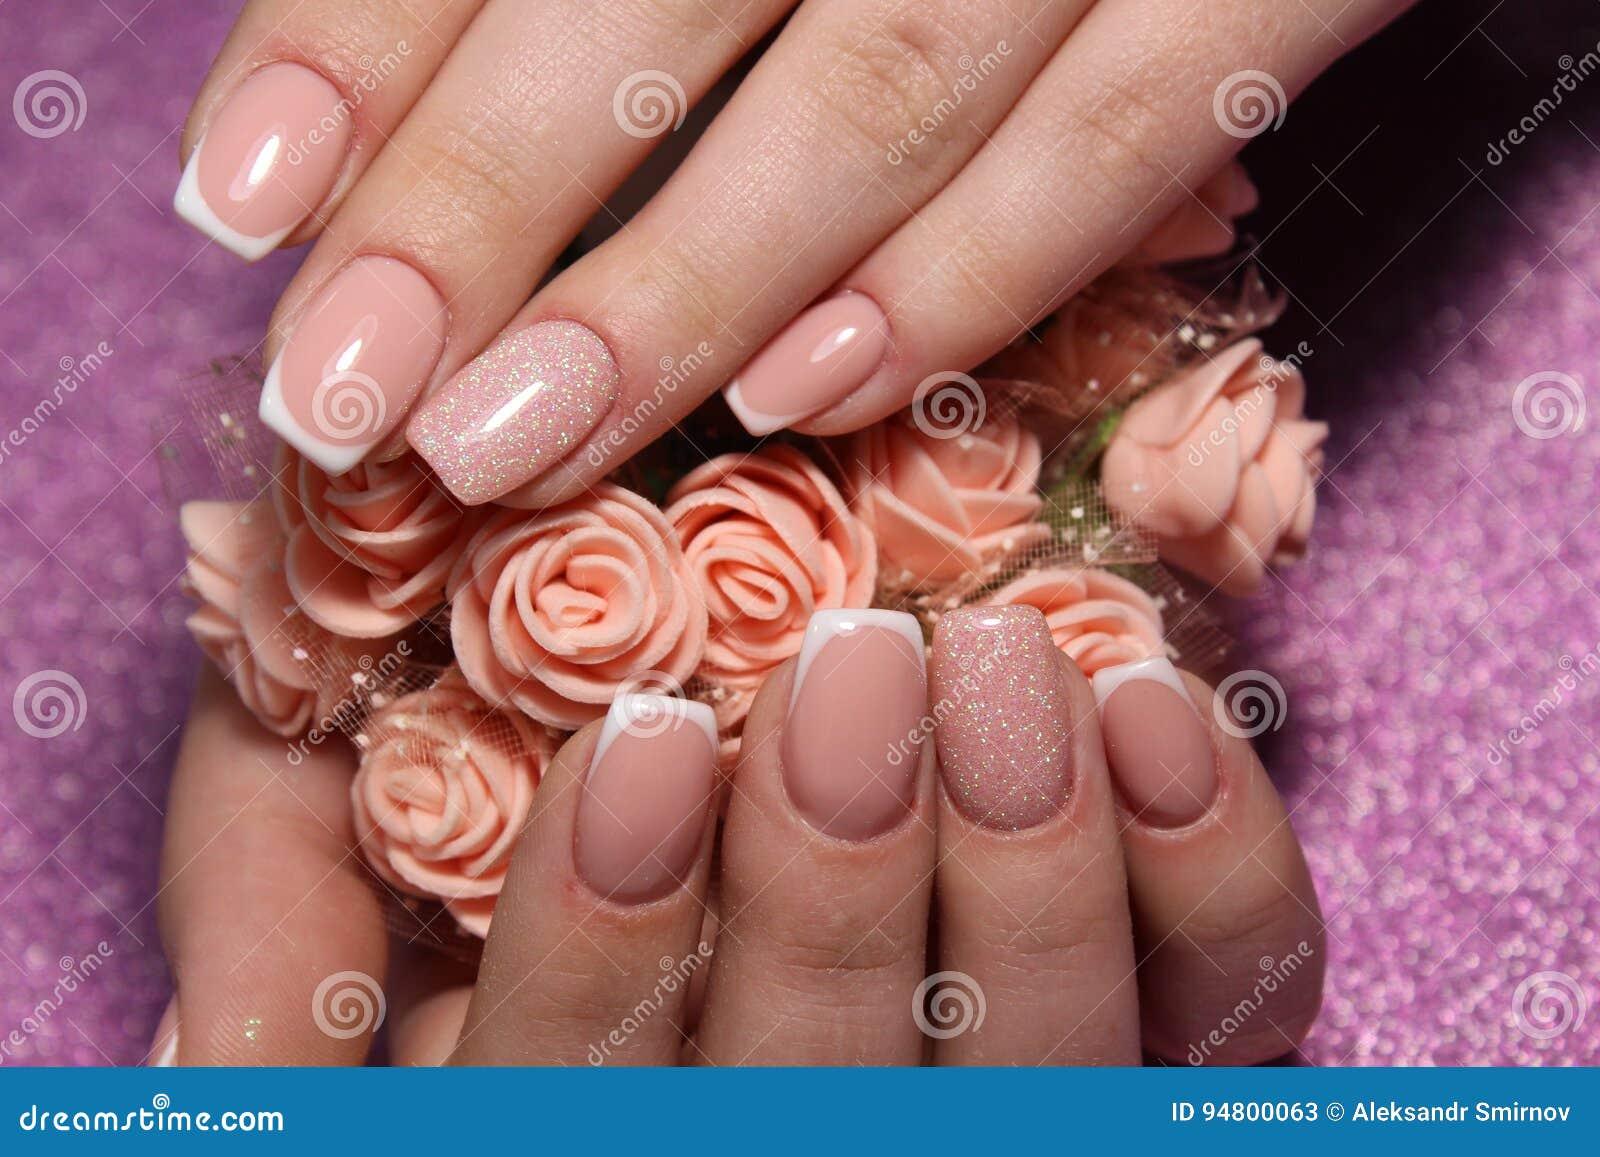 French Manicure Wedding Design Stock Image - Image of manicure ...